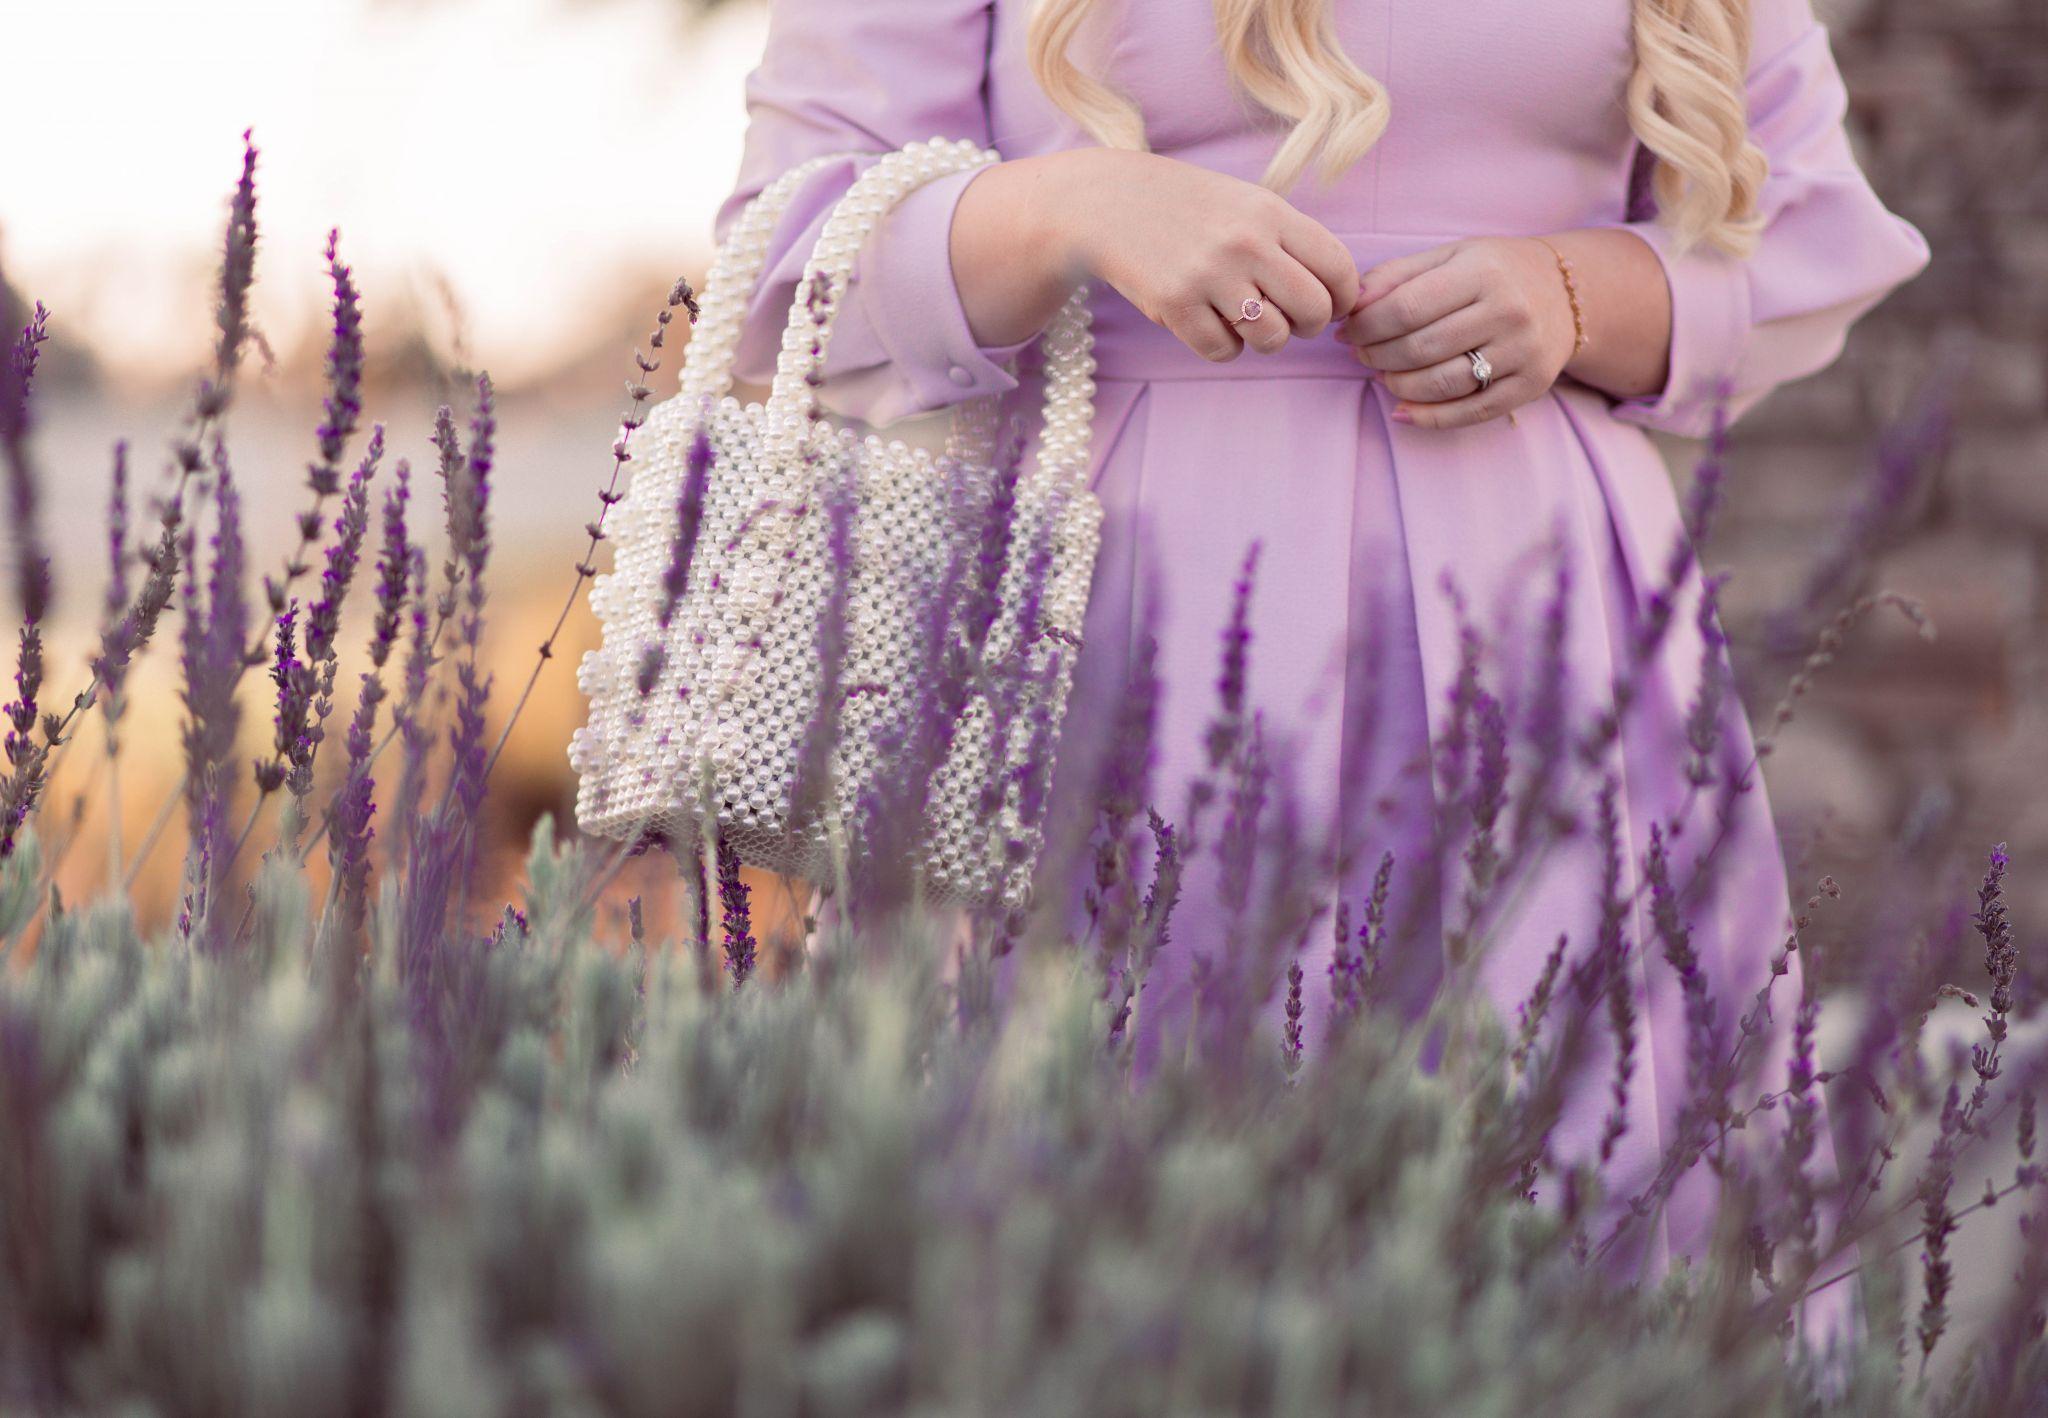 feminine easter dress